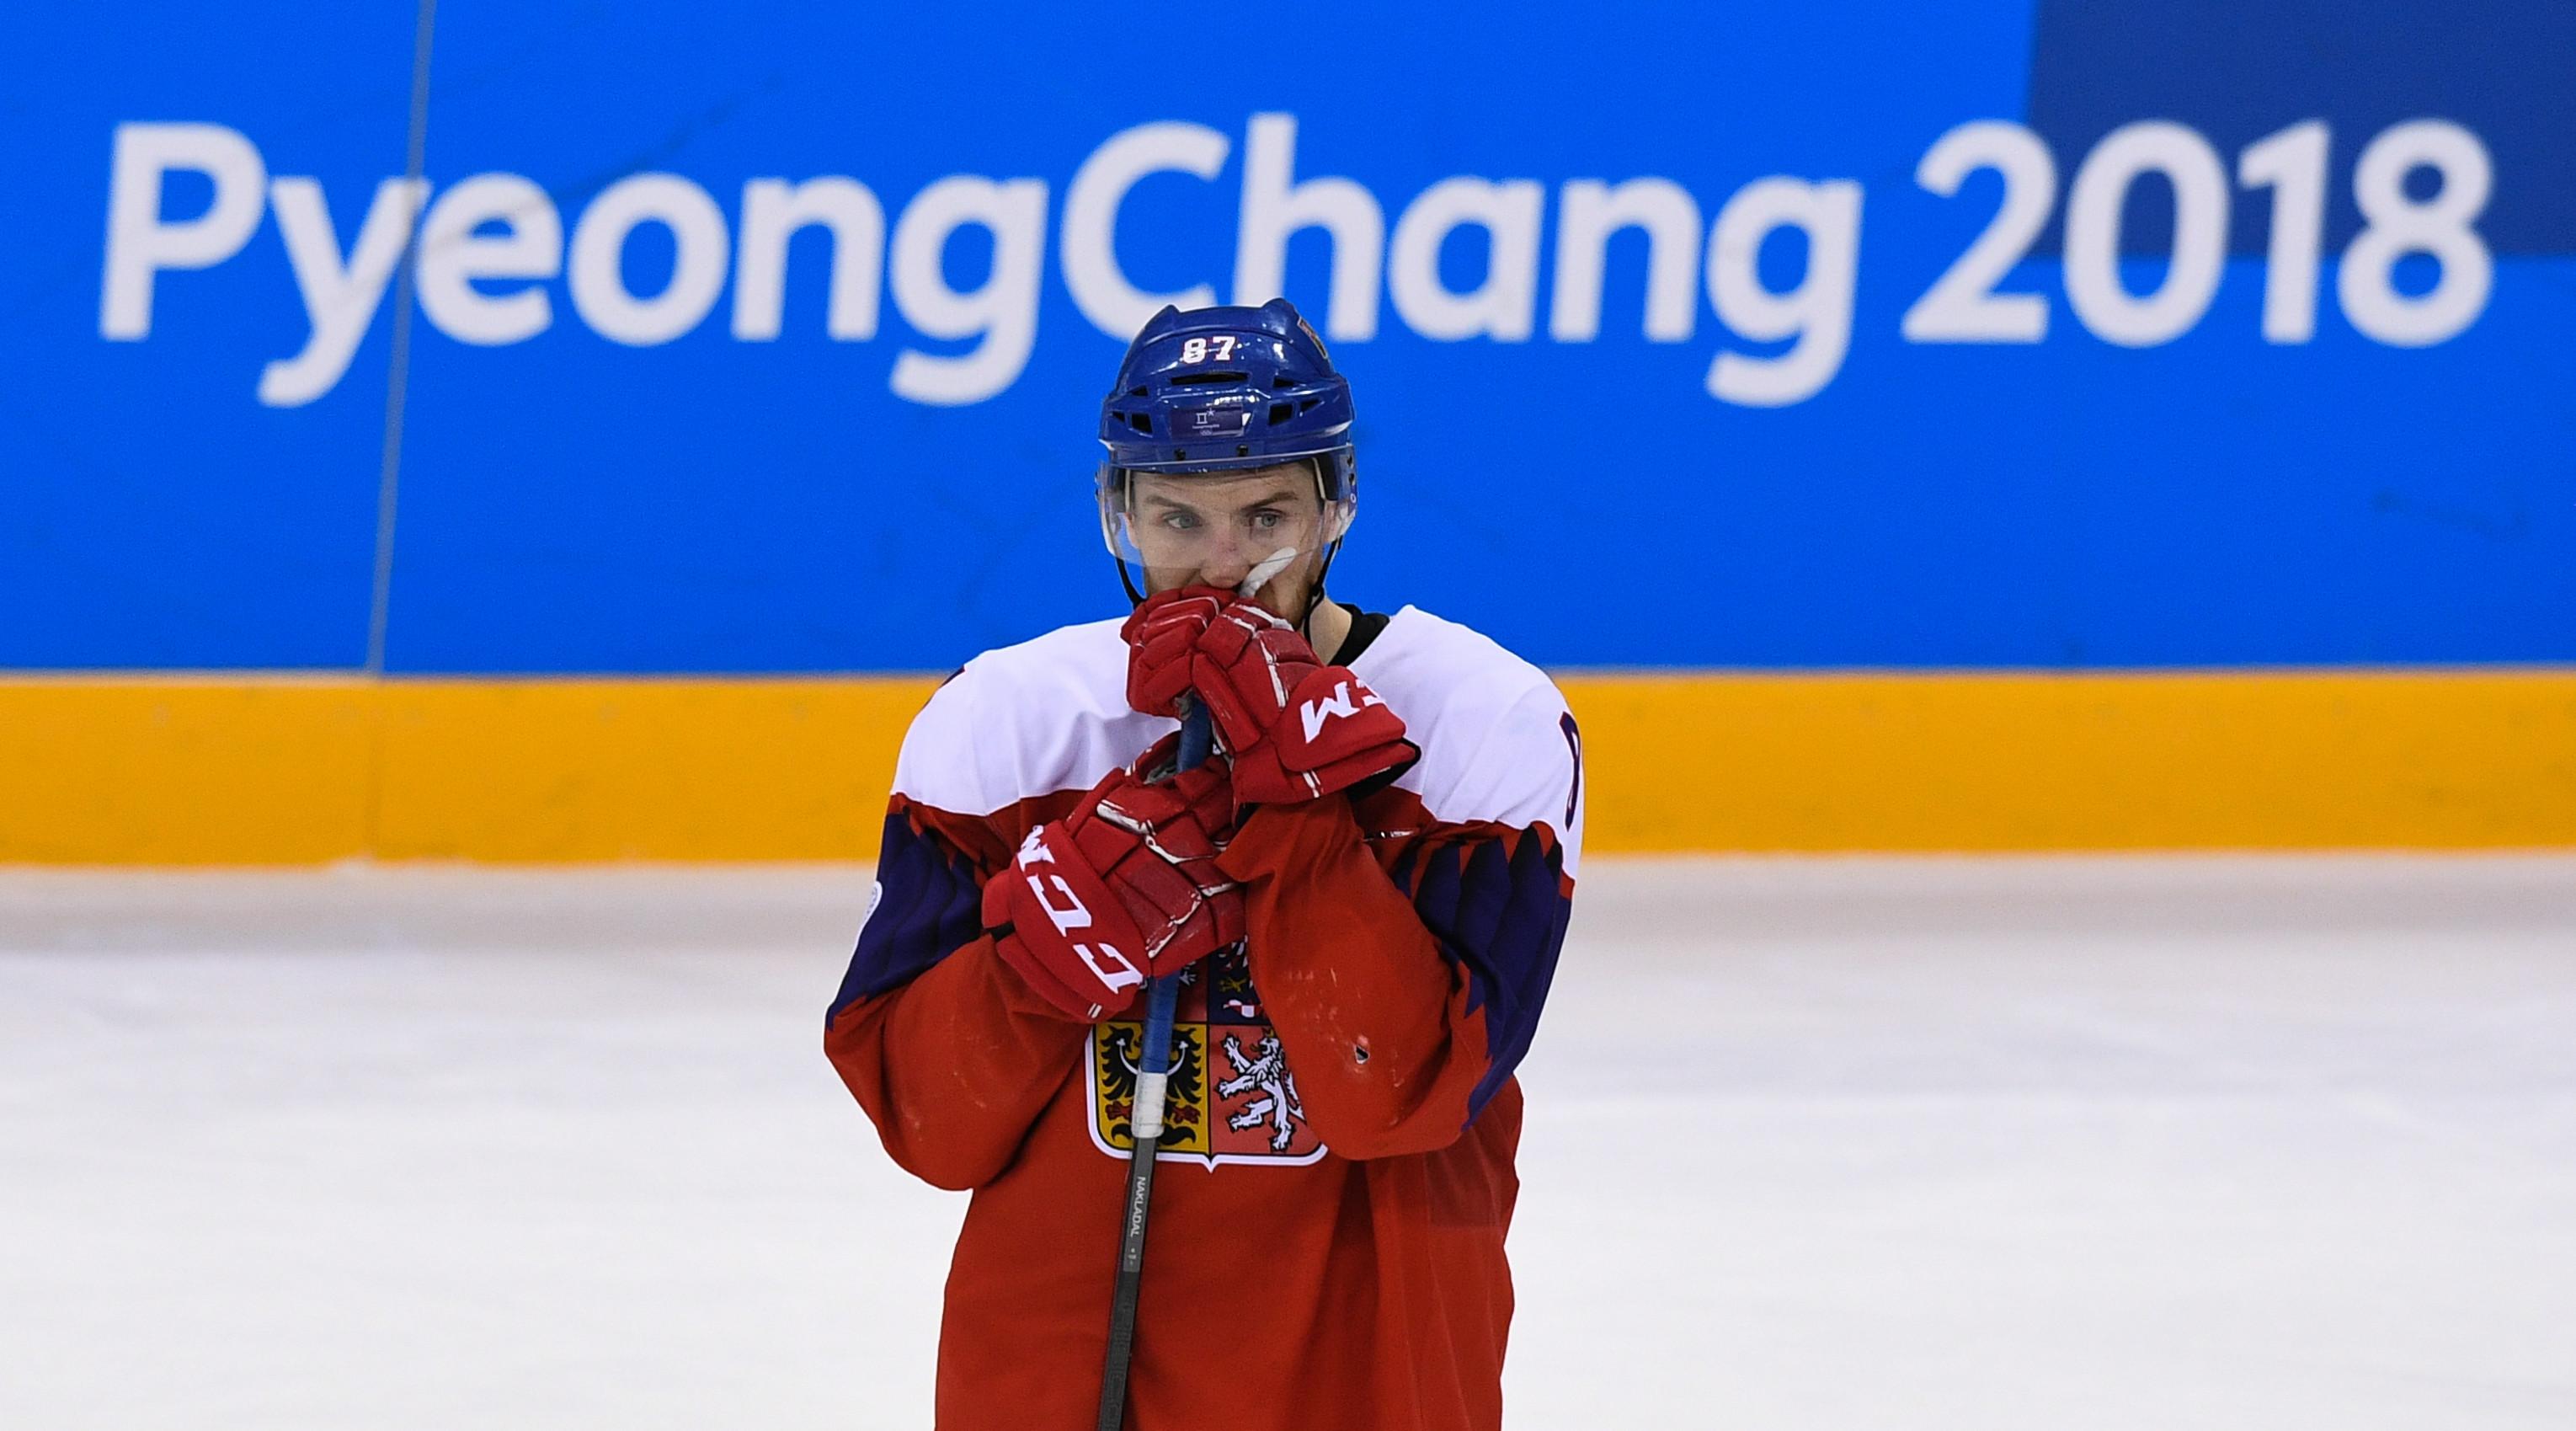 Чешский хоккеист Якуб Накладал расстроен проигрышем в матче за третье место. Фото: РИА Новости/Александр Вильф